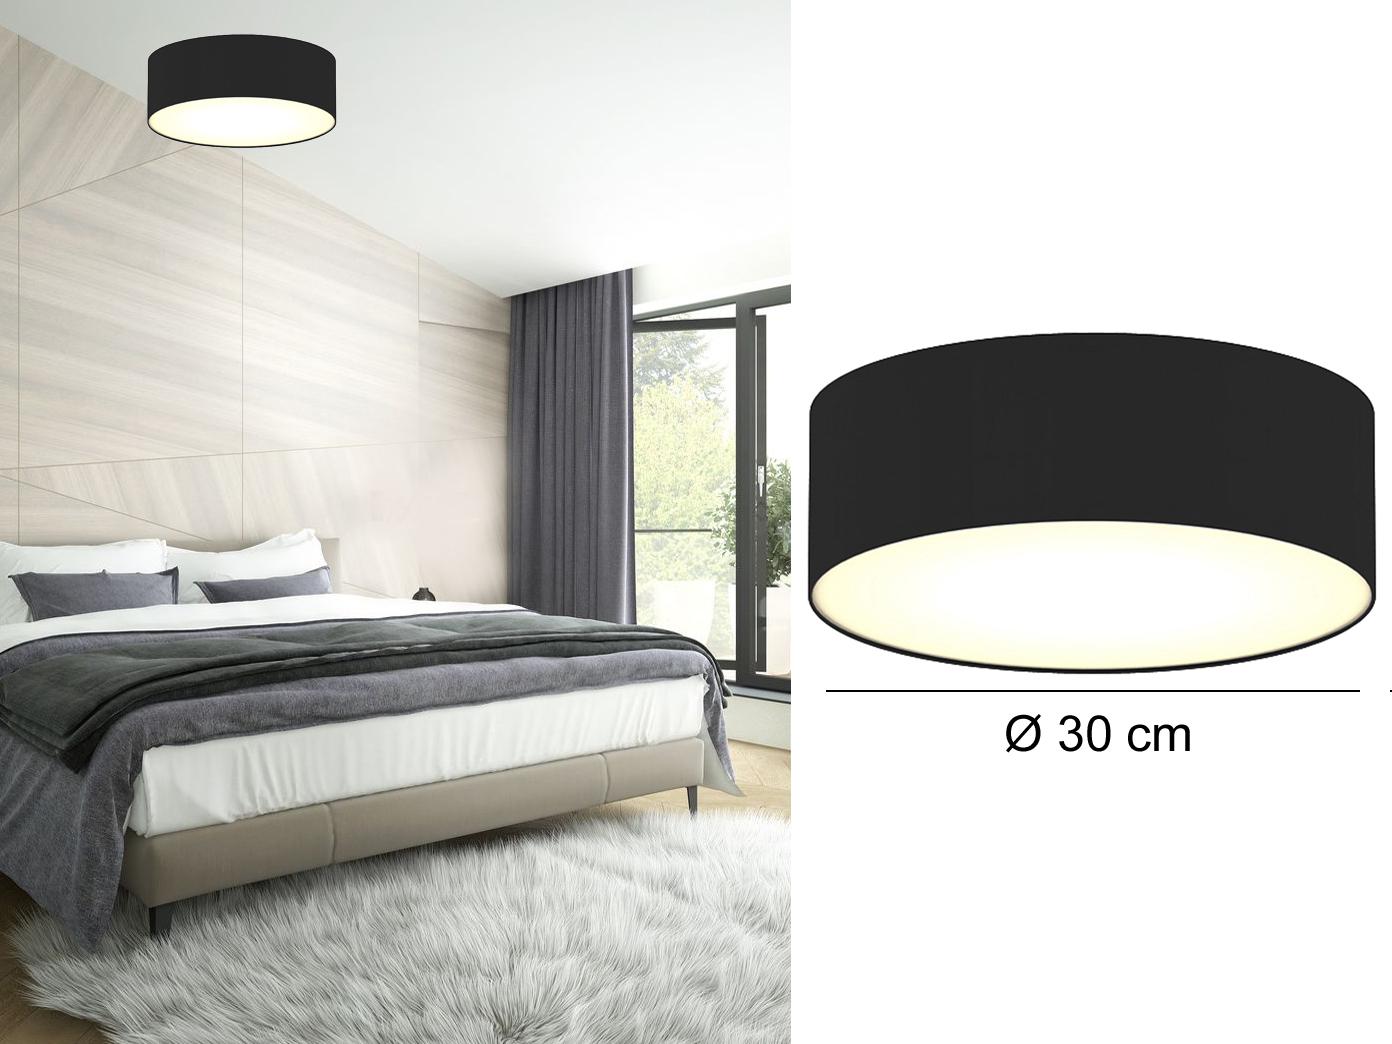 Moderne Deckenbeleuchtung Schirm Rund O 30 Cm Schwarz Extern